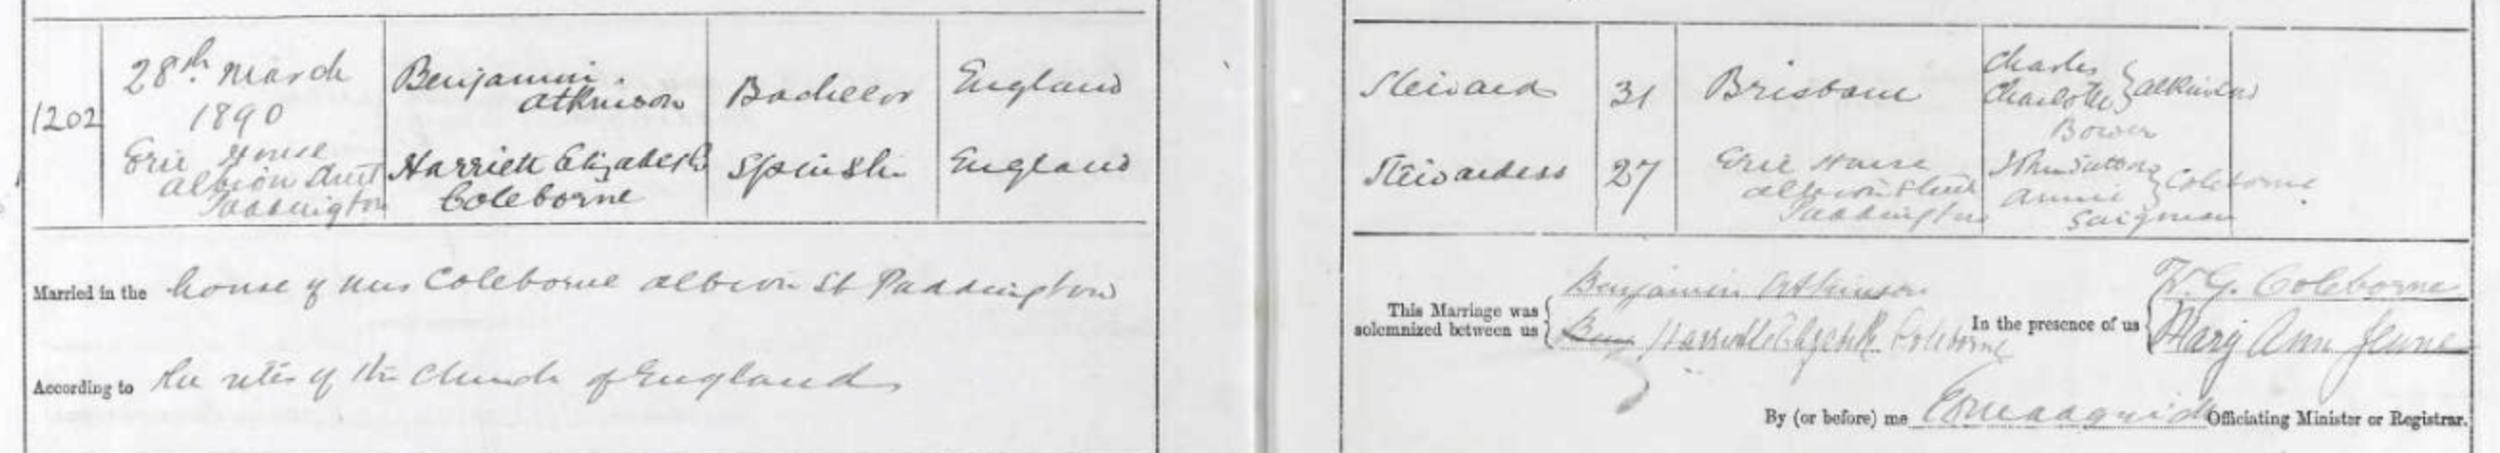 1890-BenjaminAtkinsonHarriettColeborne.png